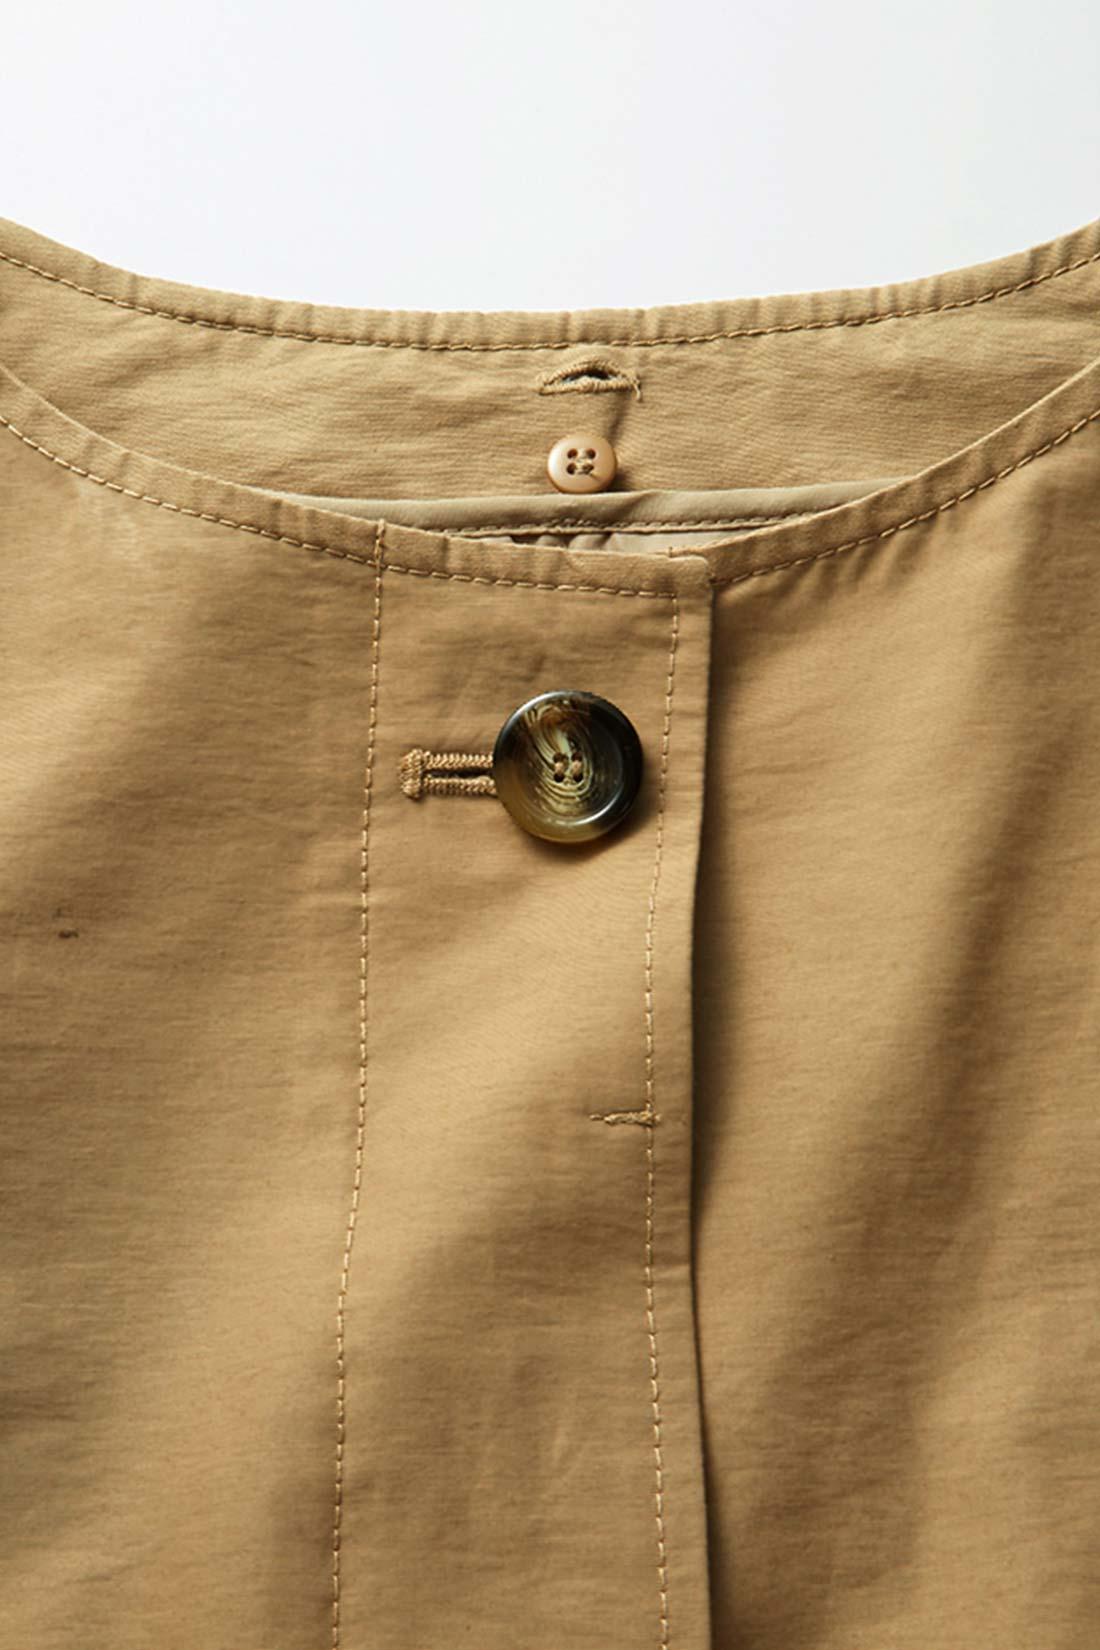 張りのあるドライタッチなグログラン素材。あめ色のボタンがほどよいアクセントに。